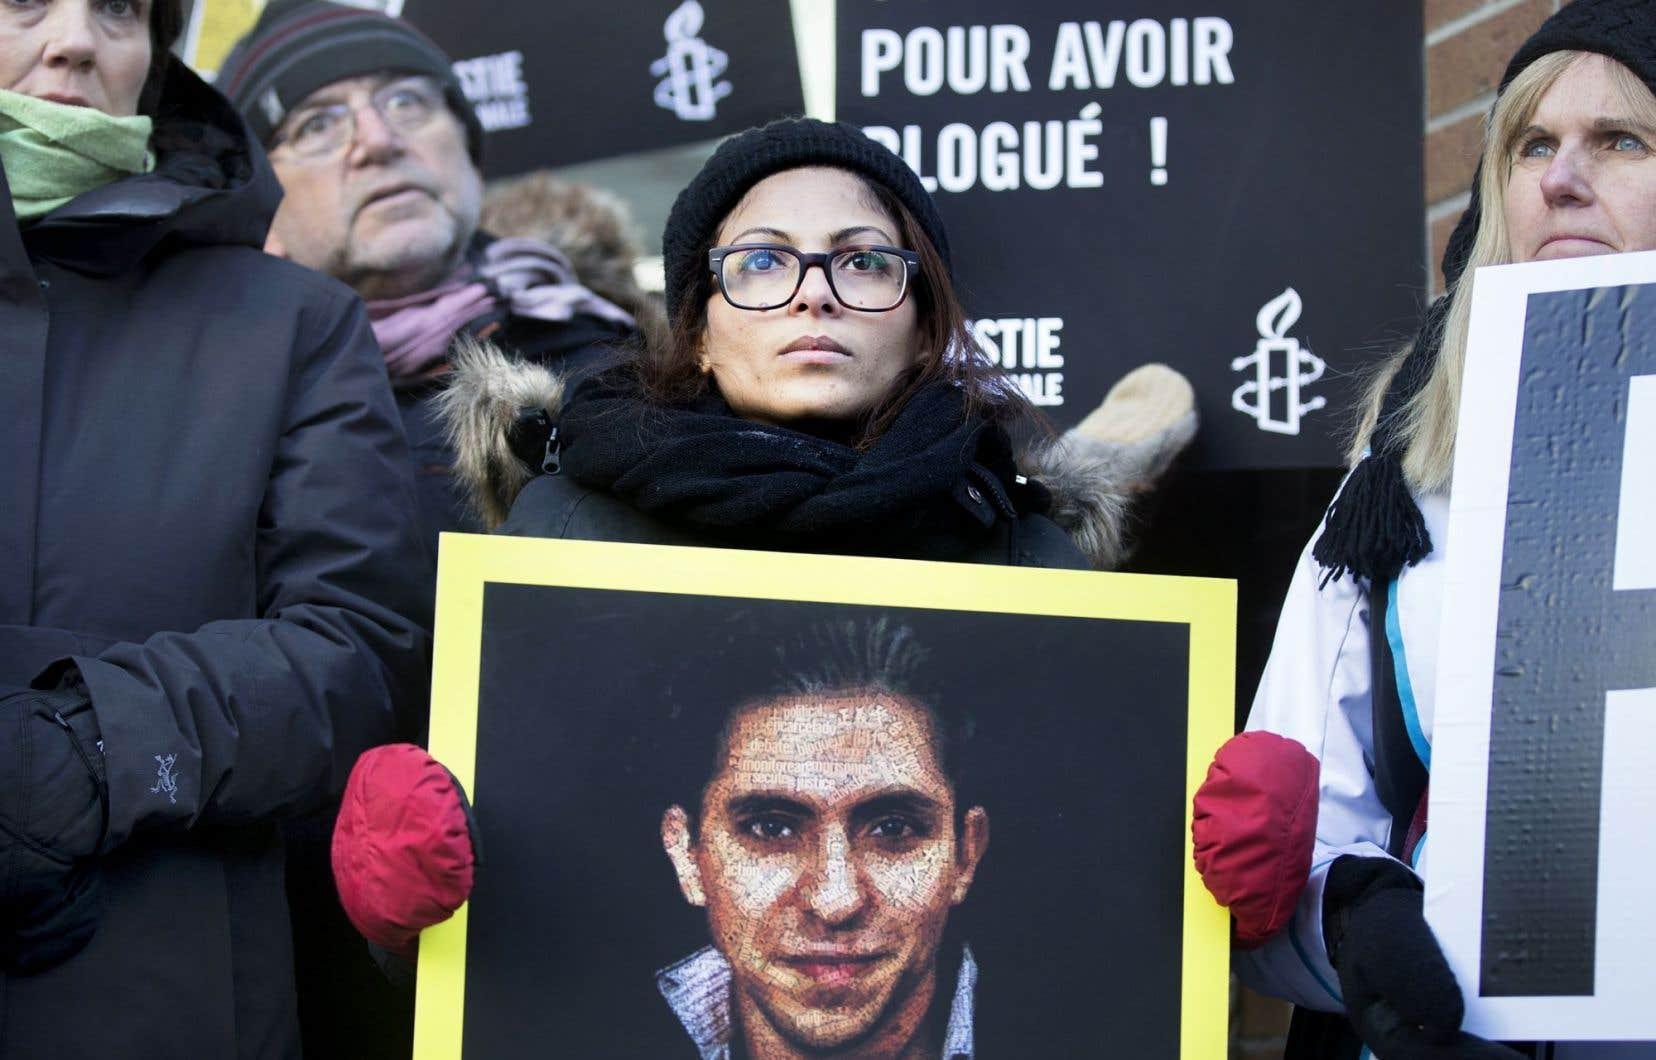 L'épouse de Raïf Badawi, Ensaf Haidar, tenait une affiche pour la libération de son mari en janvier dernier, à Montréal.